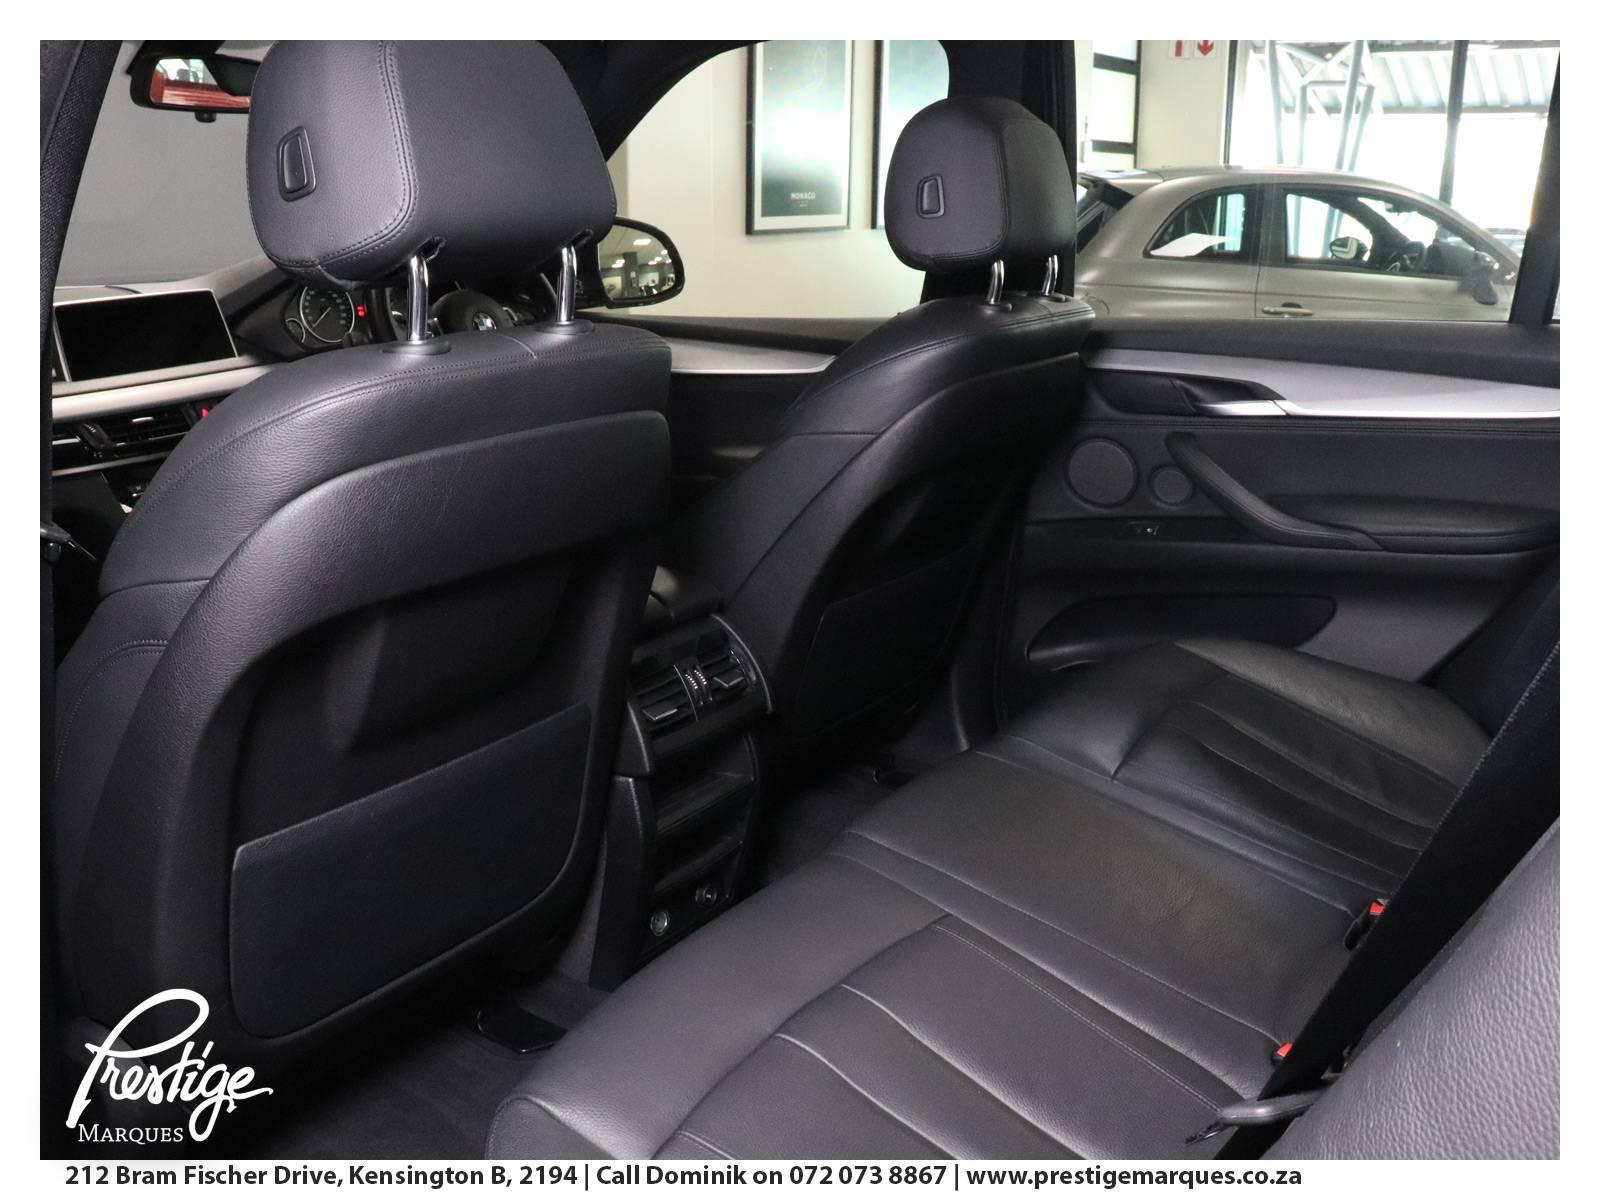 2015-BMW-X5-30d-M-Sport-X-drive-Prestige-Marques-13